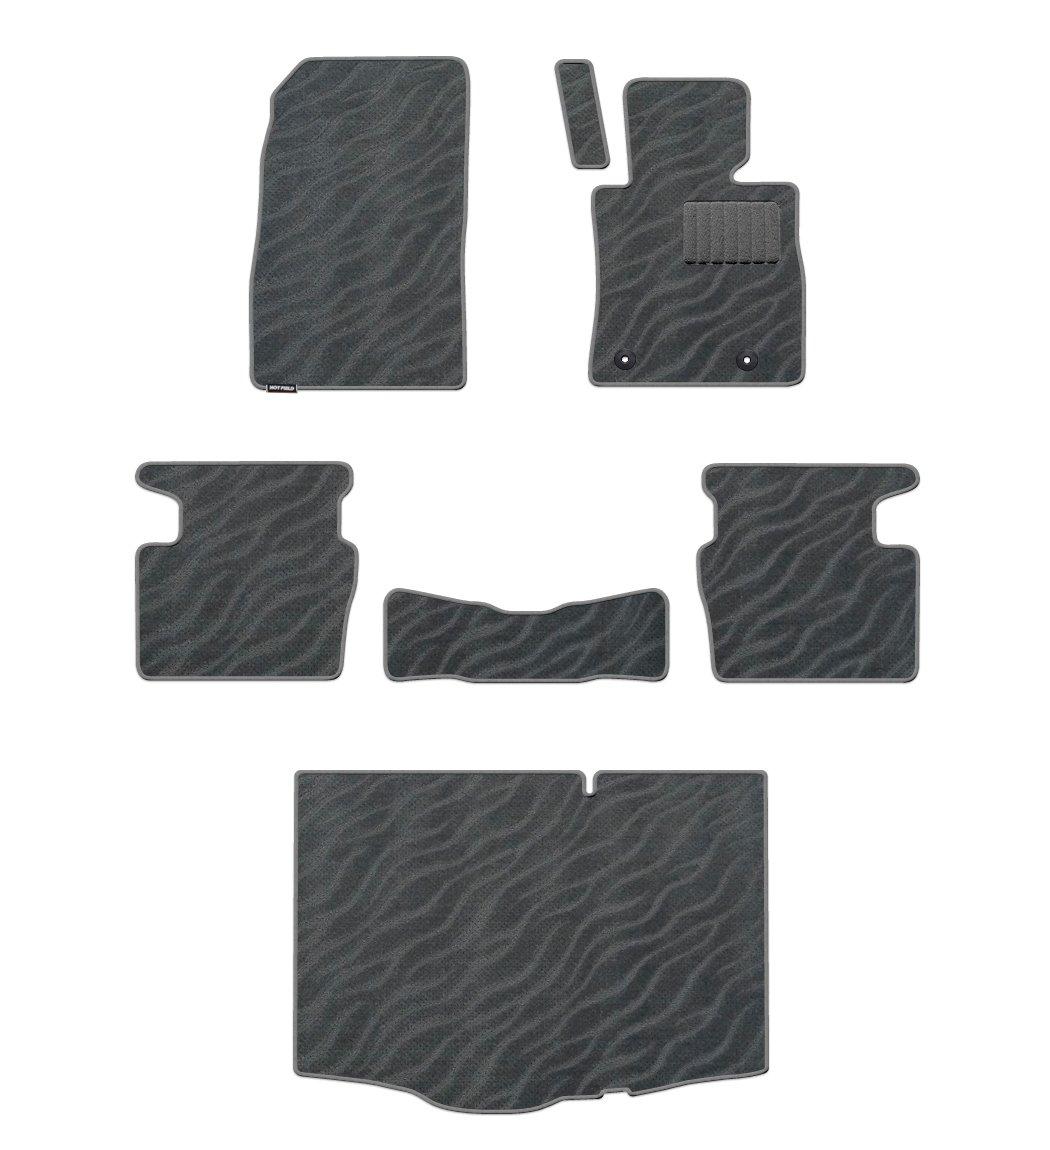 Hotfield マツダ デミオ DJ系 フロアマット&トランクマット WAVEグレー 前席マット:標準タイプ(純正仕様)フルタイム 4WD B01CXNRFMC 前席マット:標準タイプ(純正仕様)フルタイム 4WD|WAVEグレー WAVEグレー 前席マット:標準タイプ(純正仕様)フルタイム 4WD